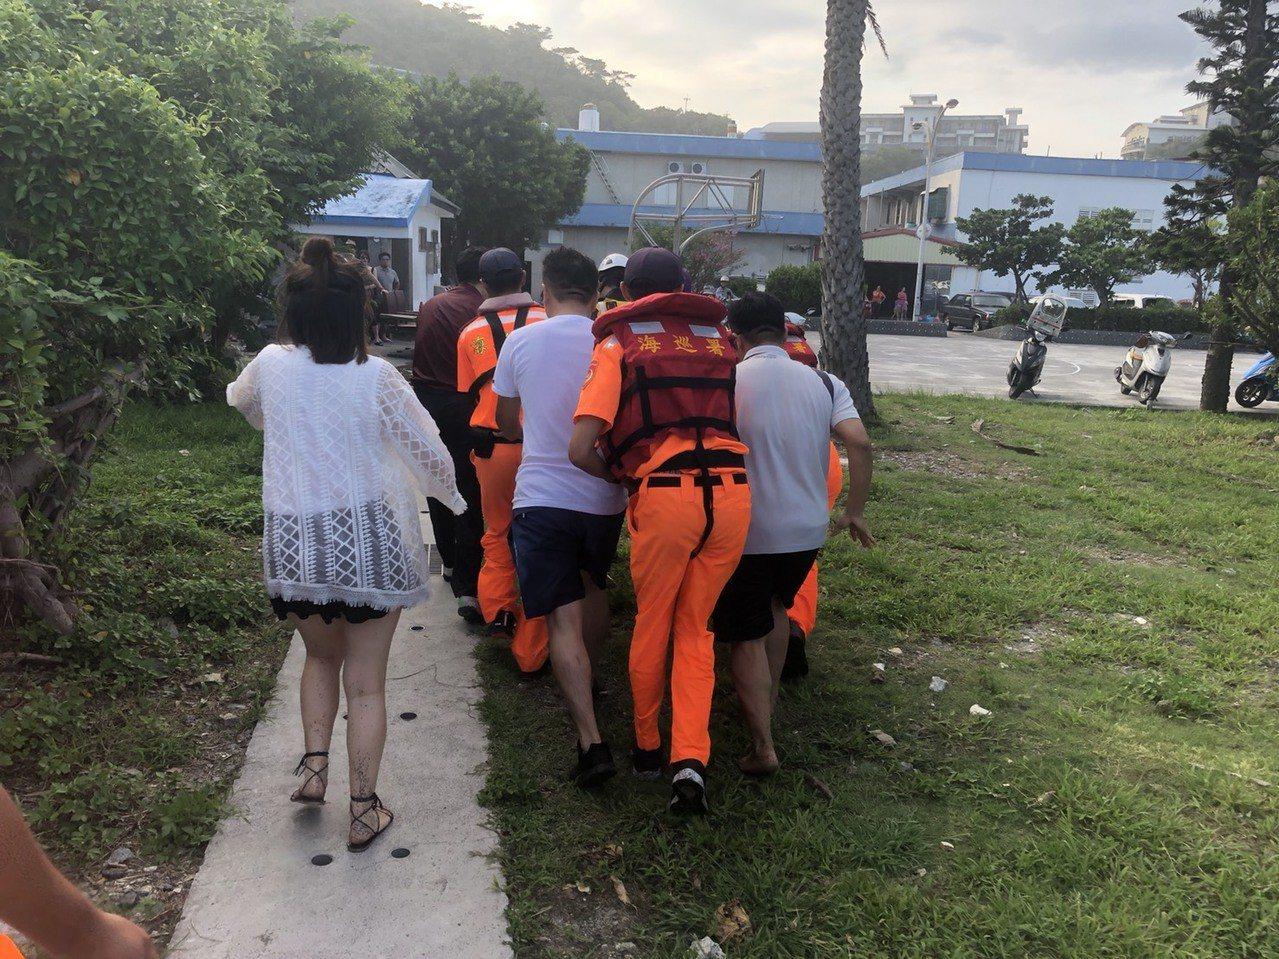 宜蘭南方澳「情人灣」沙灘傳出溺水意外,跳海救人男子被發現時,已無心跳送醫急救。 ...